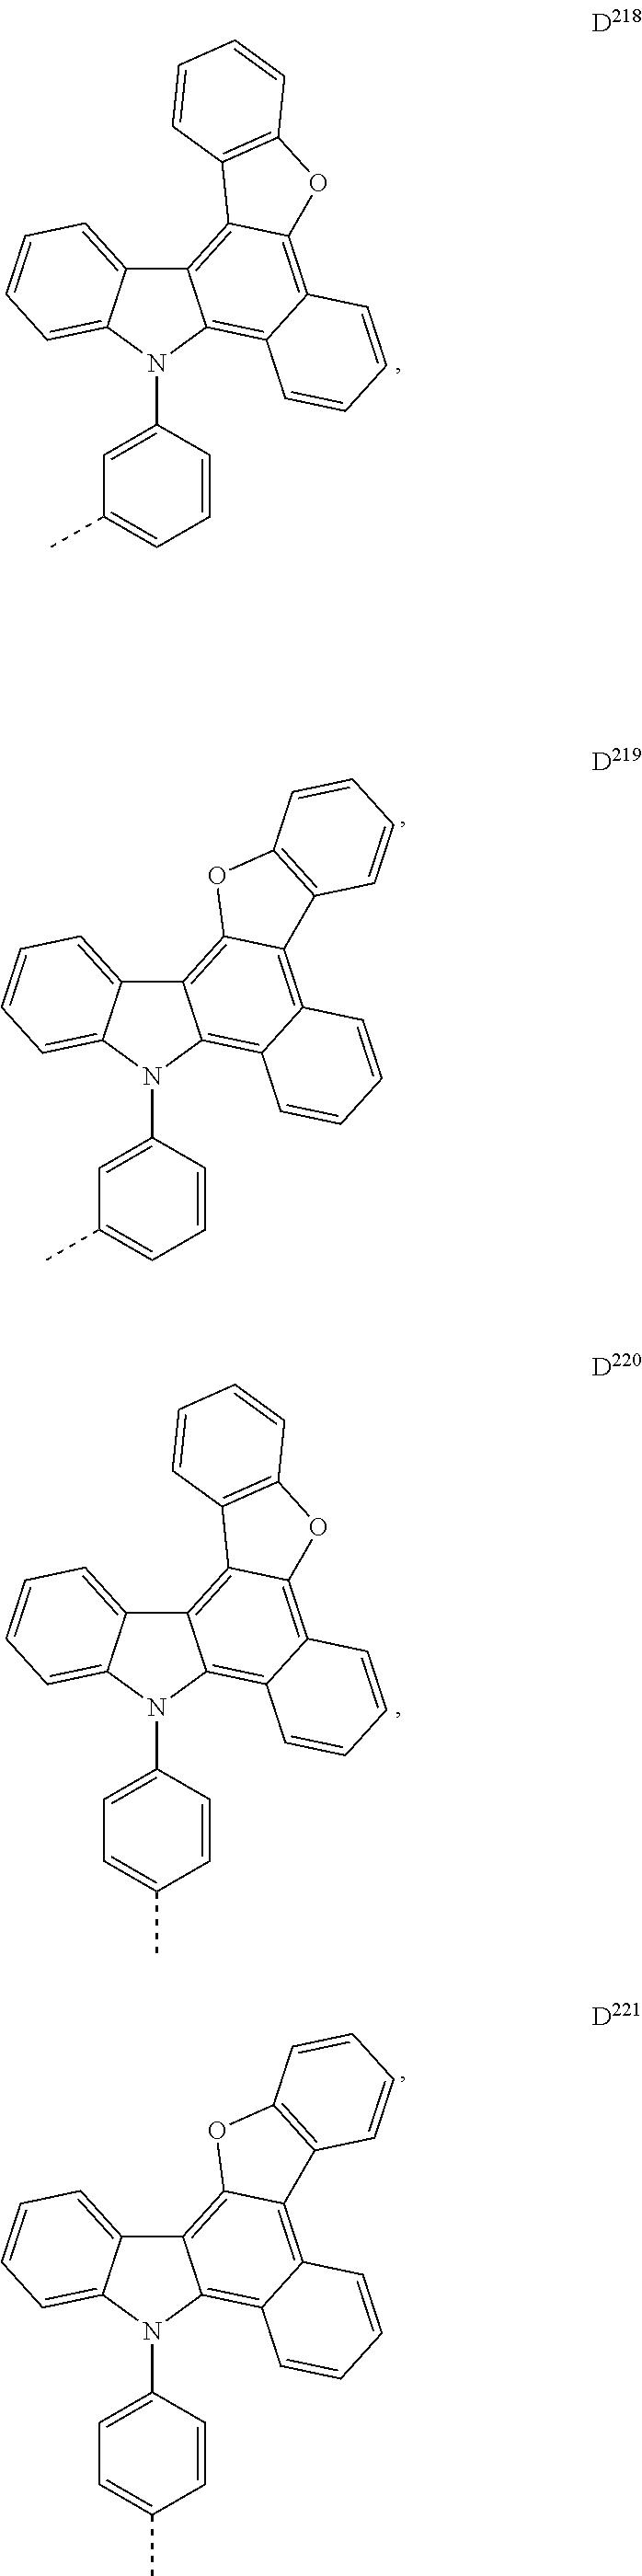 Figure US20170033295A1-20170202-C00082